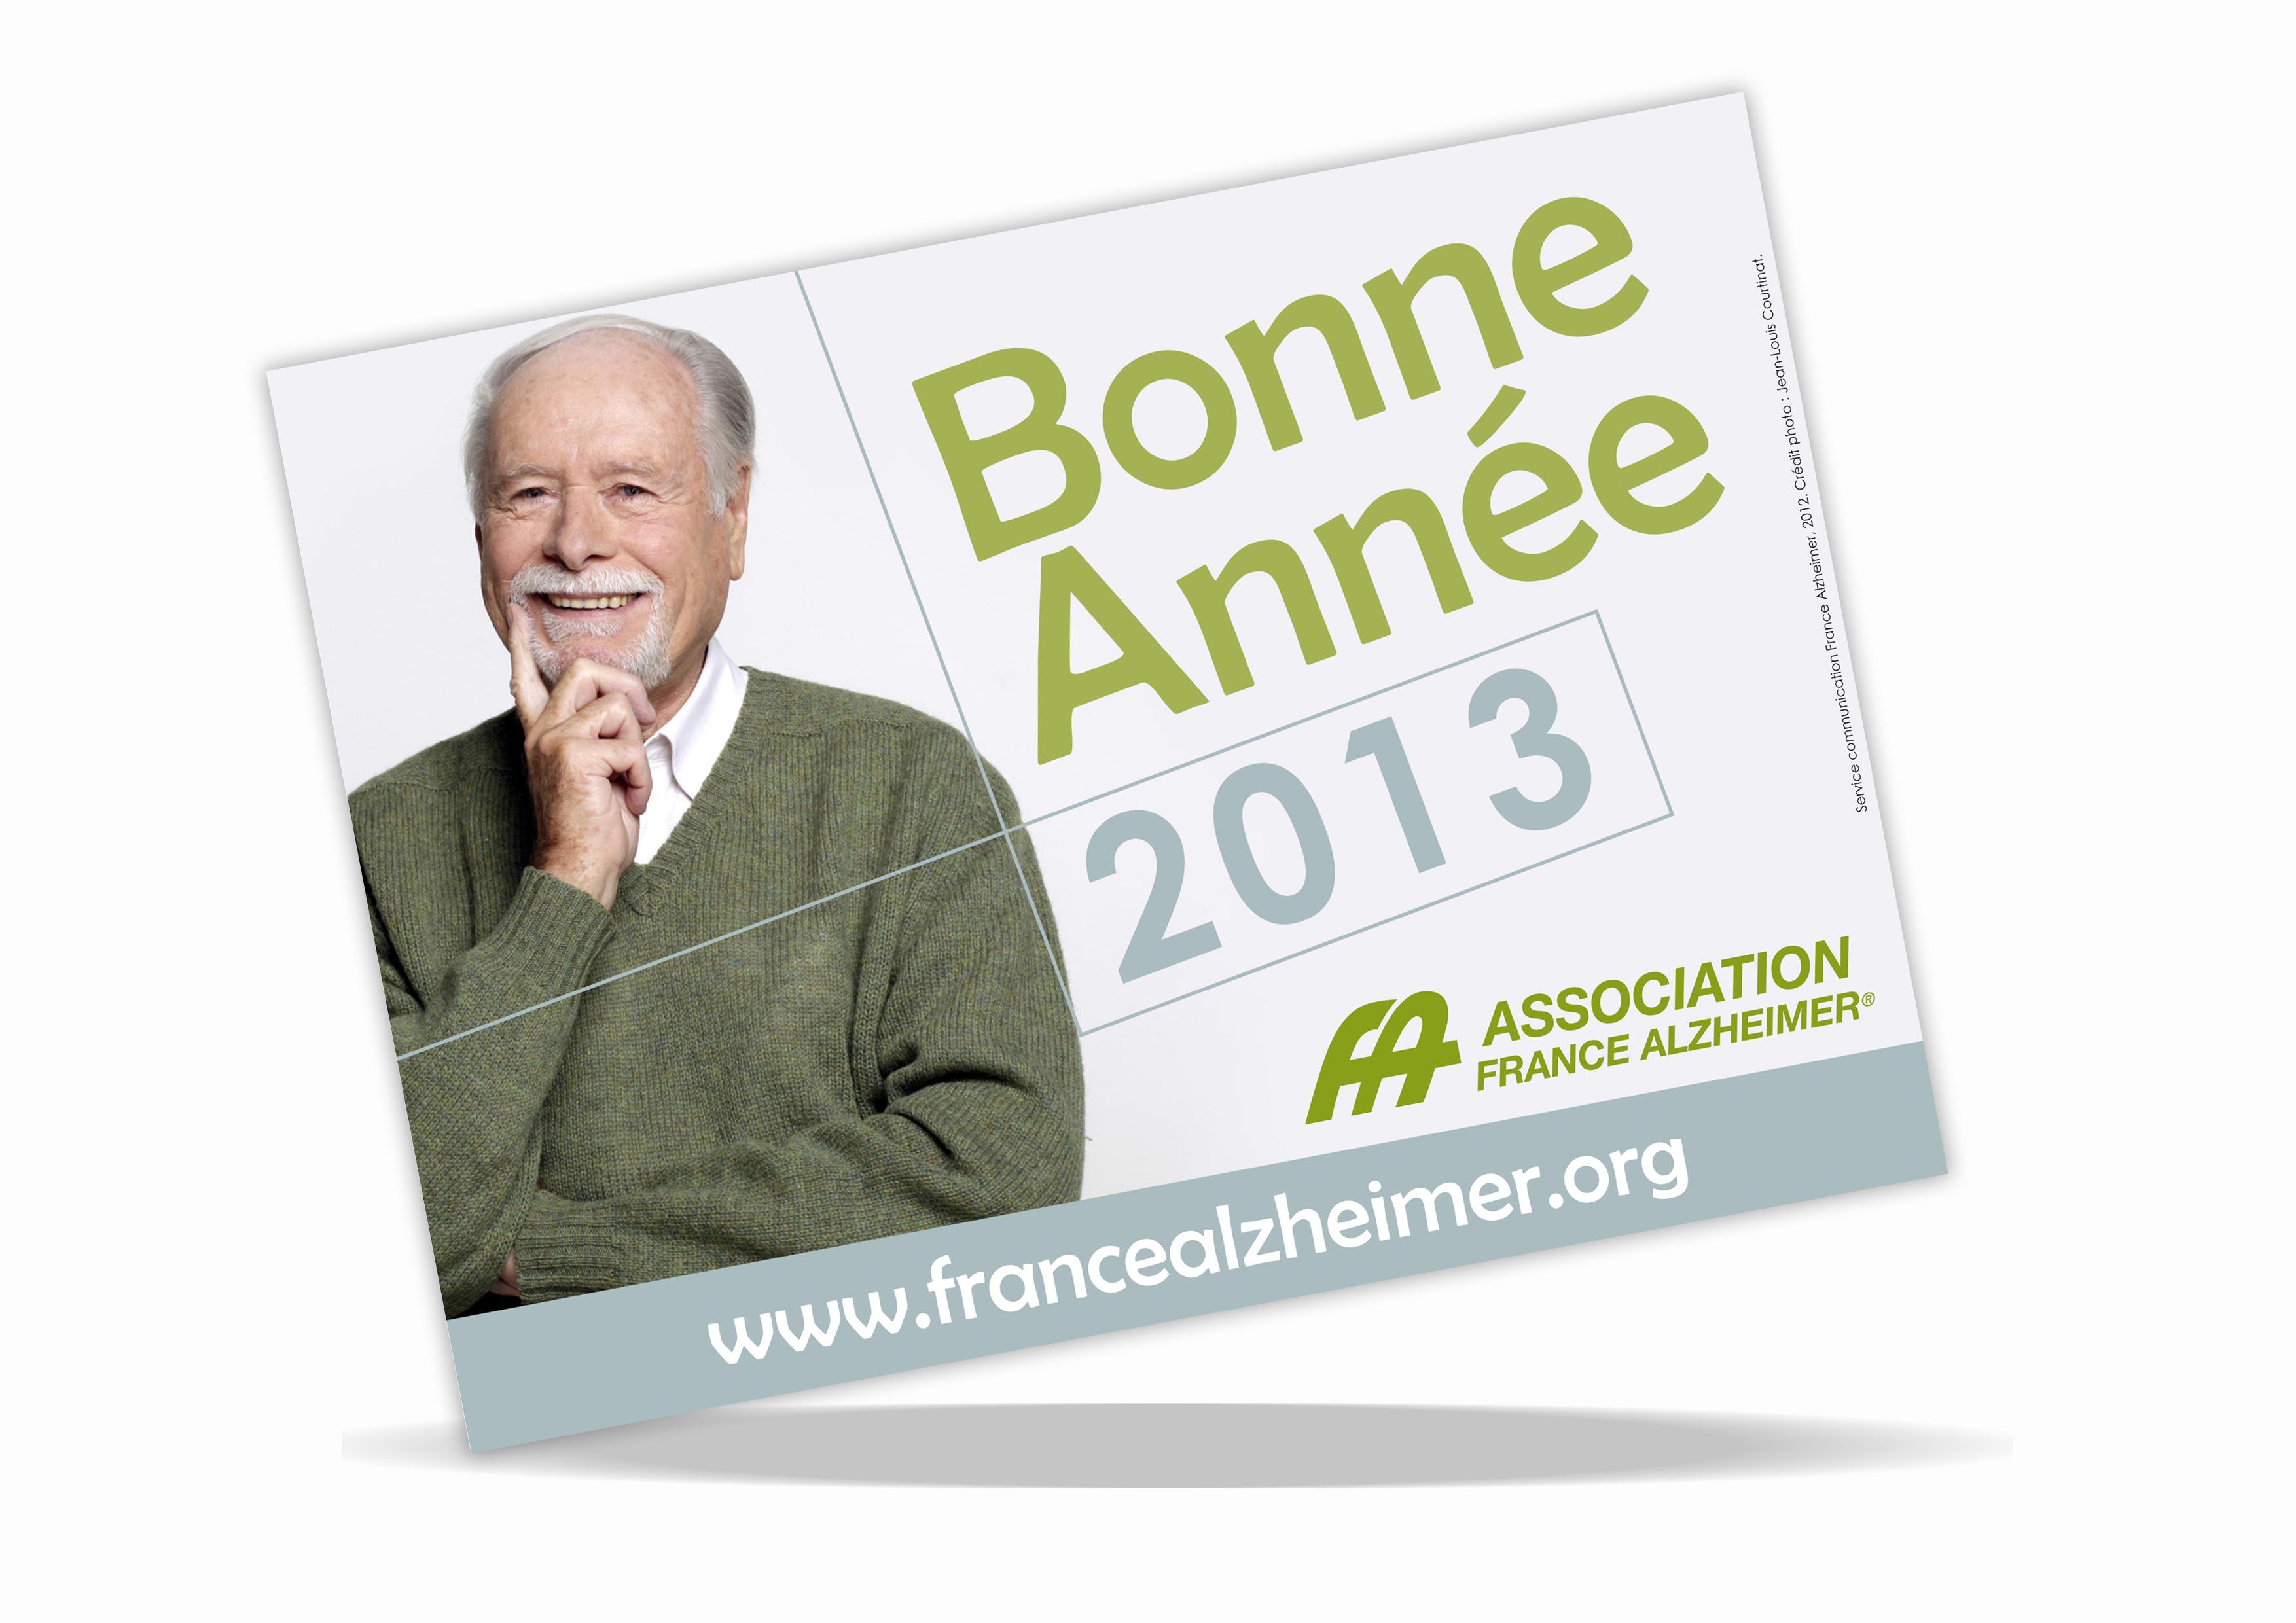 Association France Alzheimer